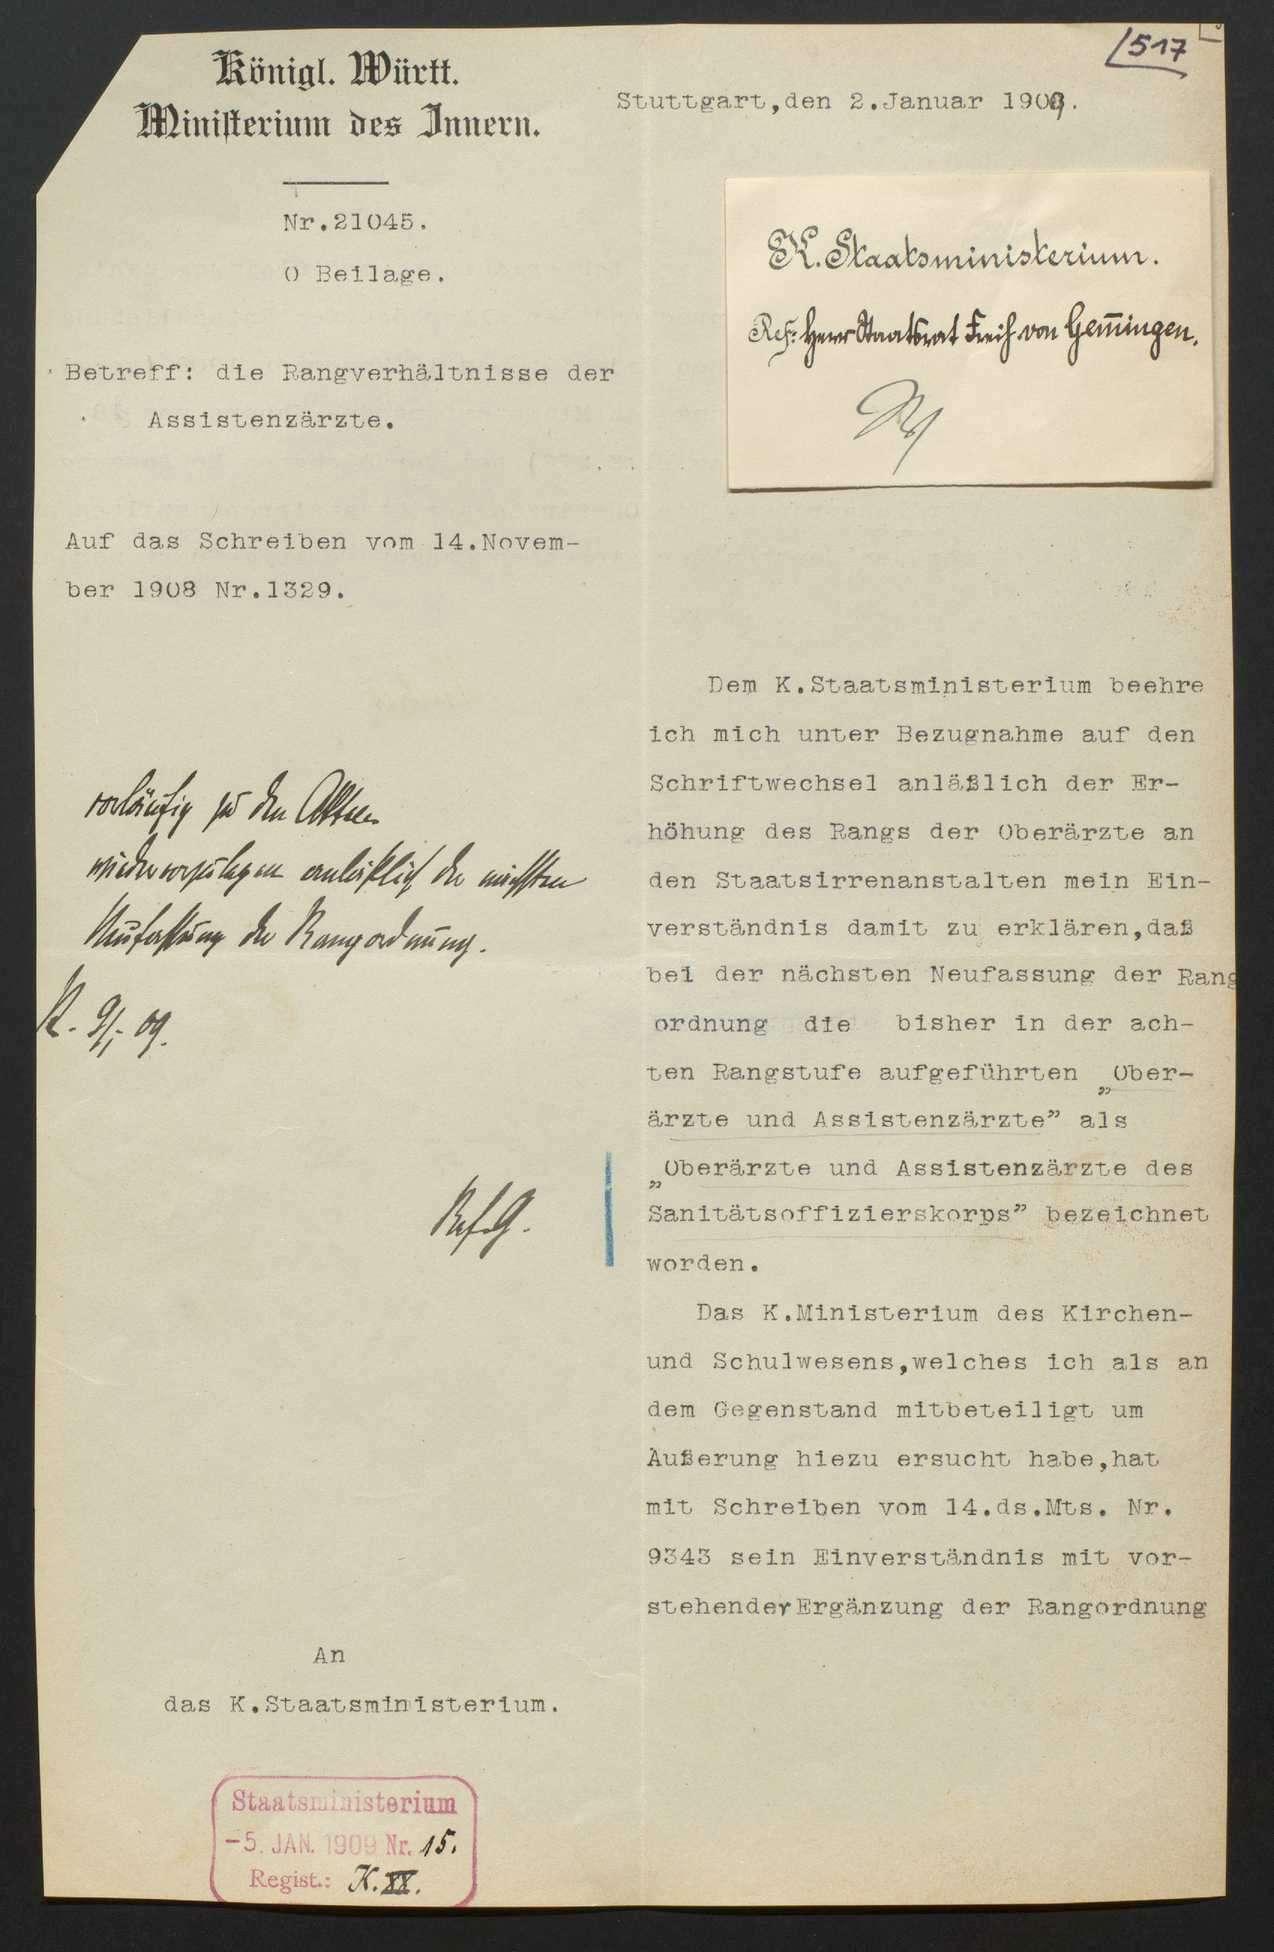 Hof- und Staatshandbuch: Neuausgaben, Änderungen der Rangordnung, Bild 1